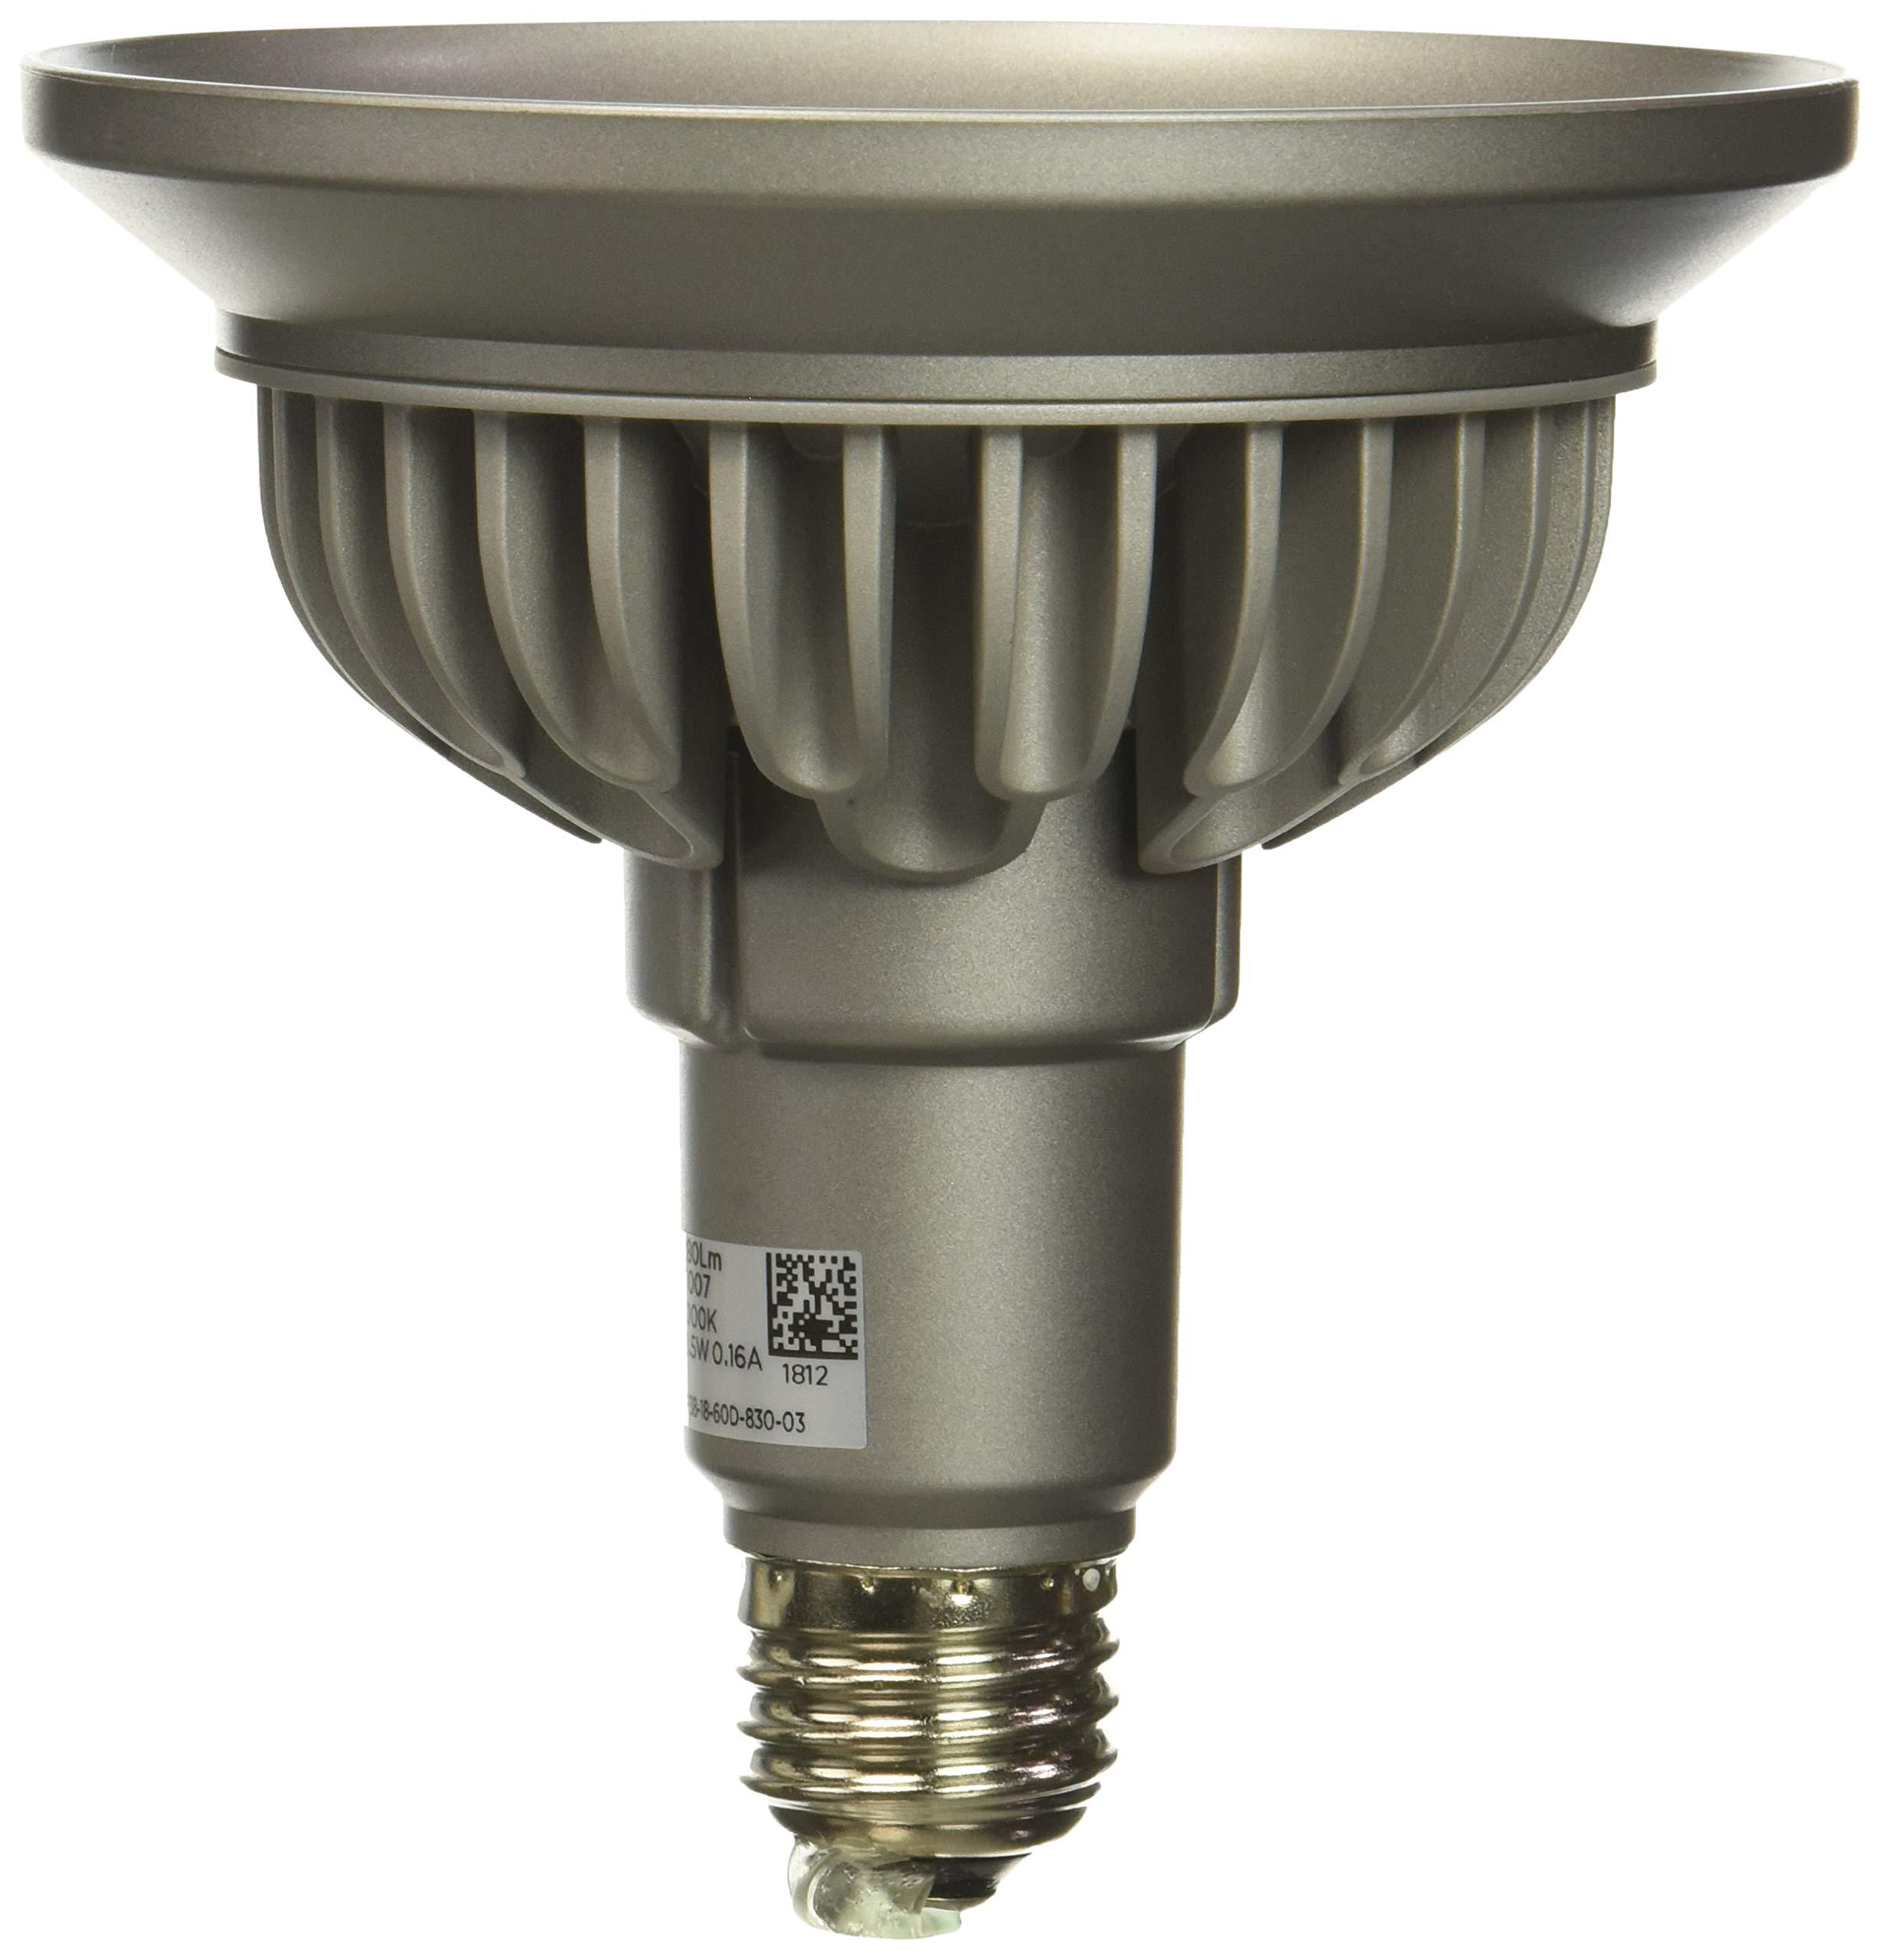 Bulbrite SP38-18-60D-830-03 SORAA 18.5W LED PAR38 3000K PREM. 60° Dimmable Light Bulb, Silver